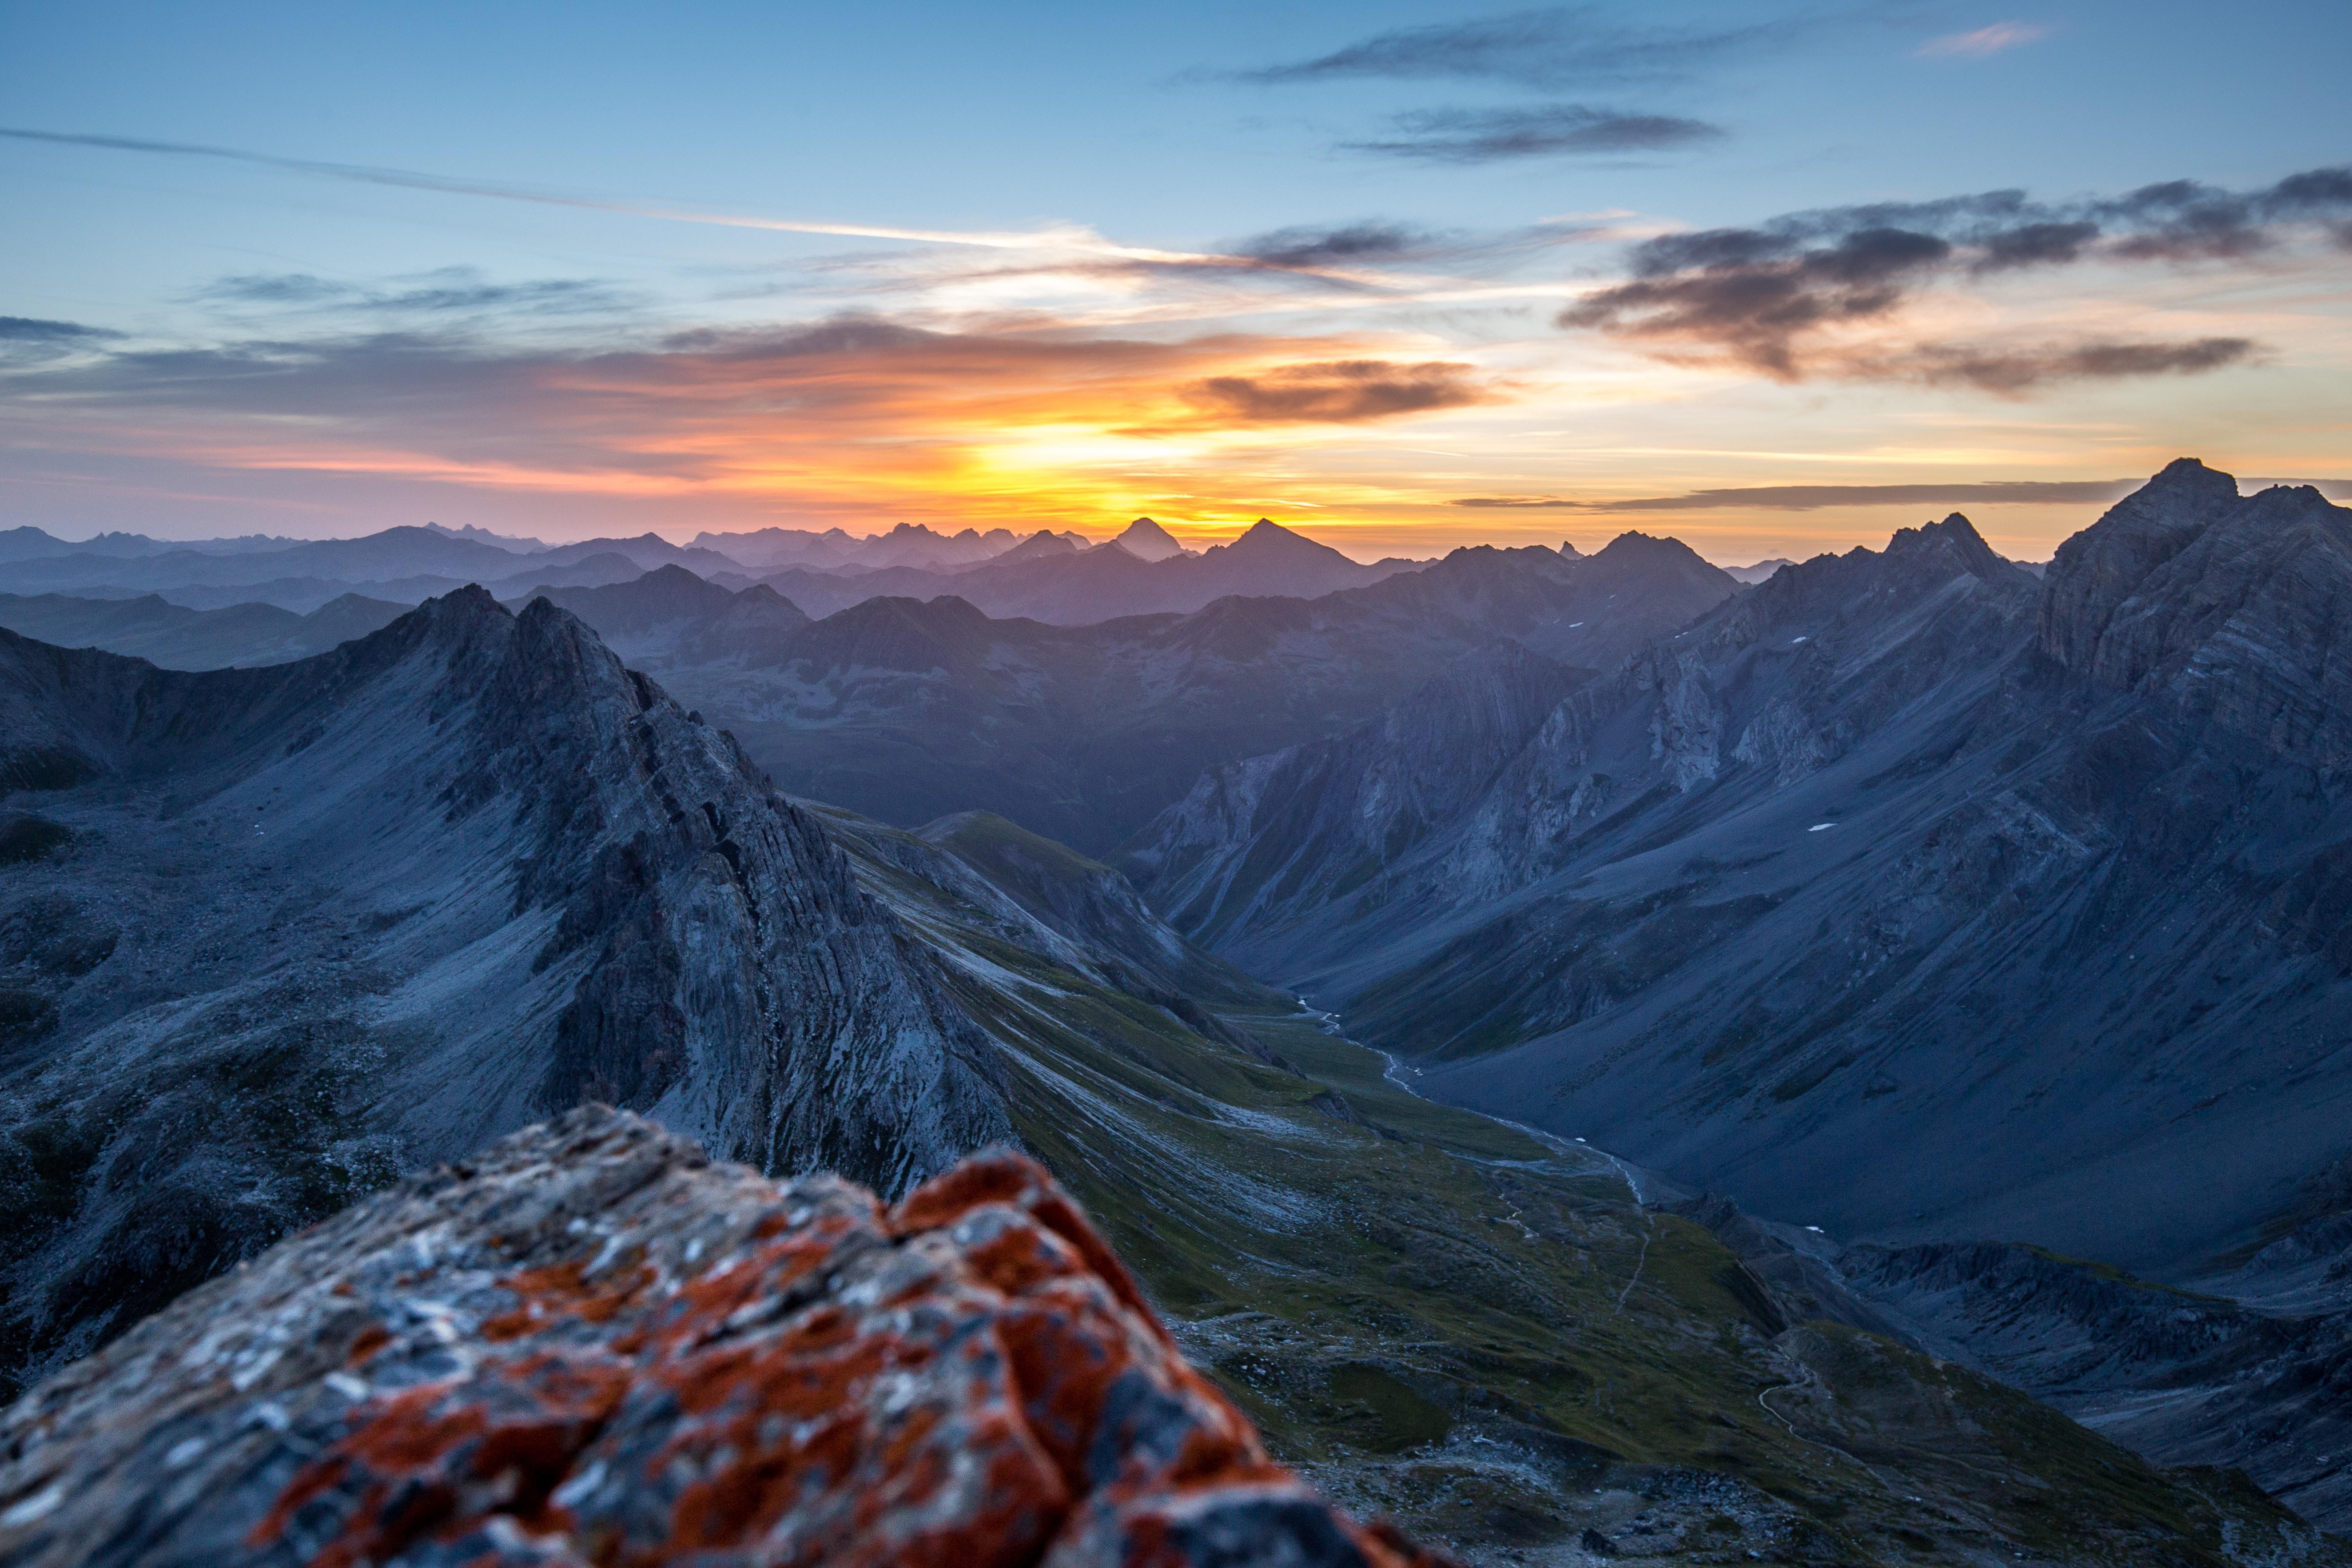 mountain top under sunset